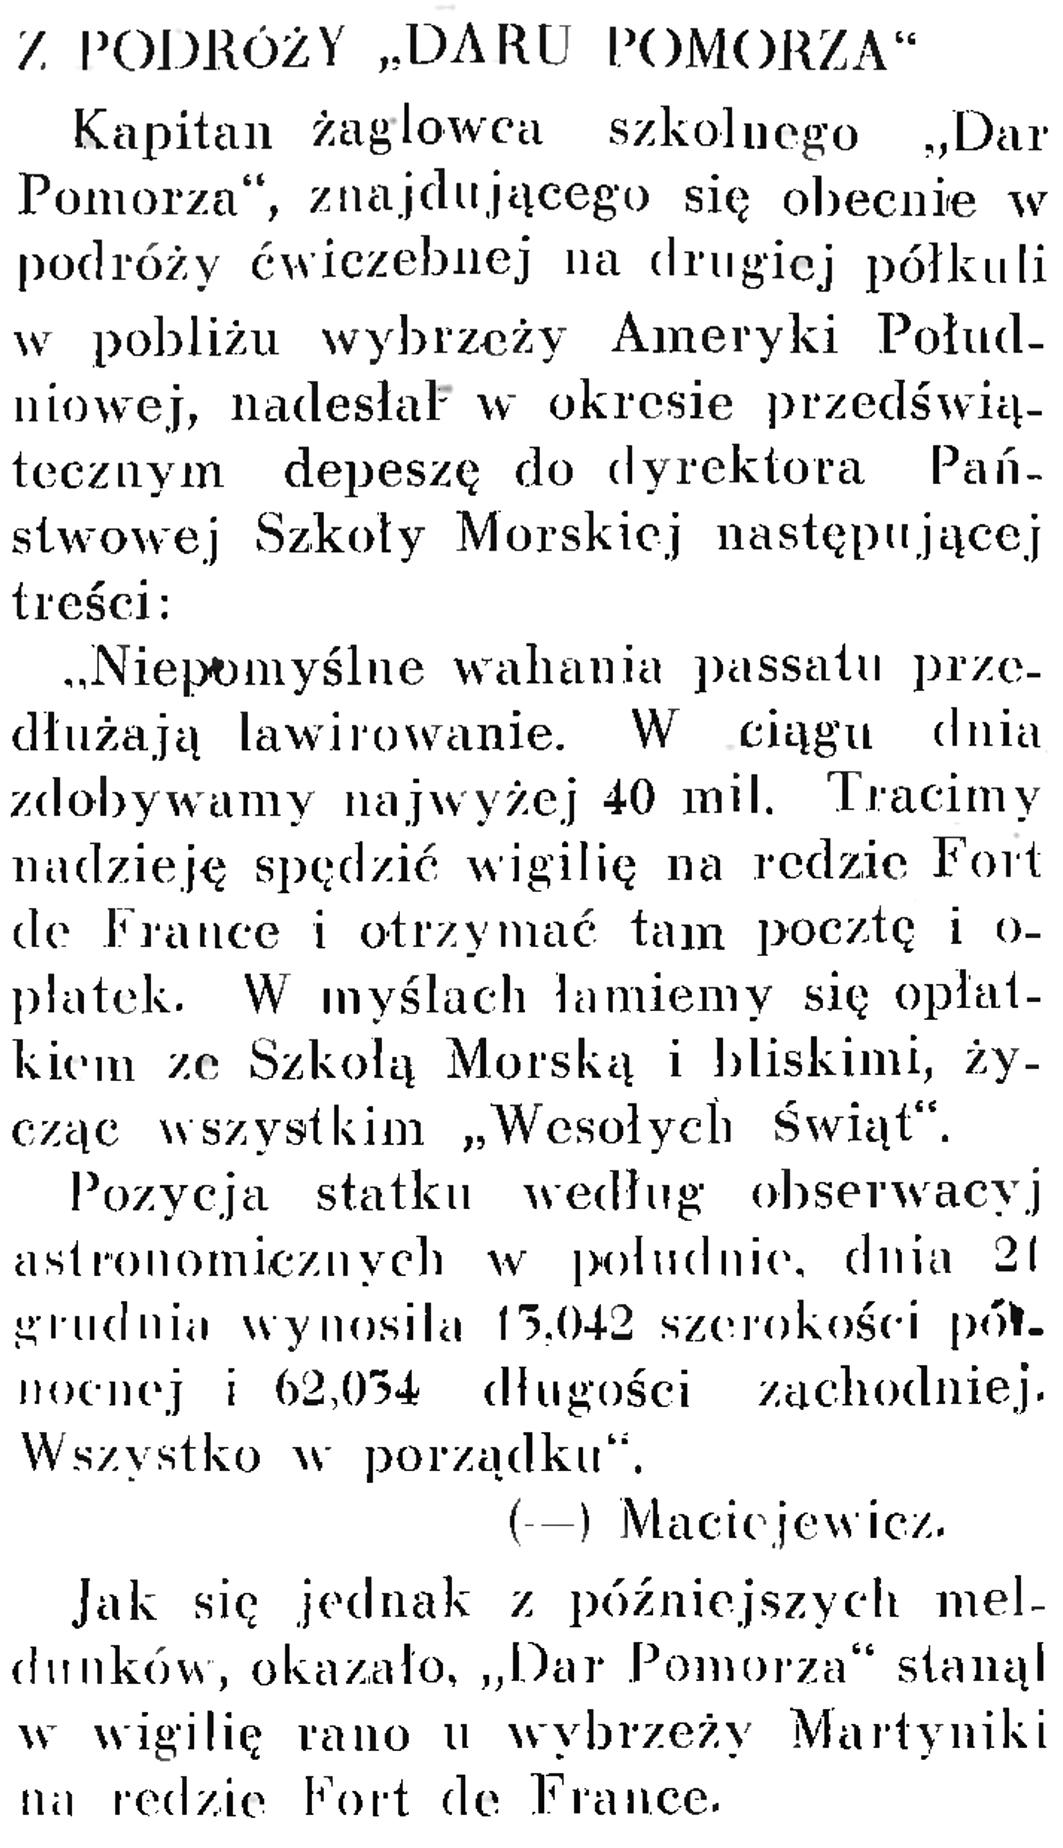 """Z podróży """"Daru Pomorza"""" // Wiadomości Portu Gdyńskiego. - 1937, nr 12, s. 17"""